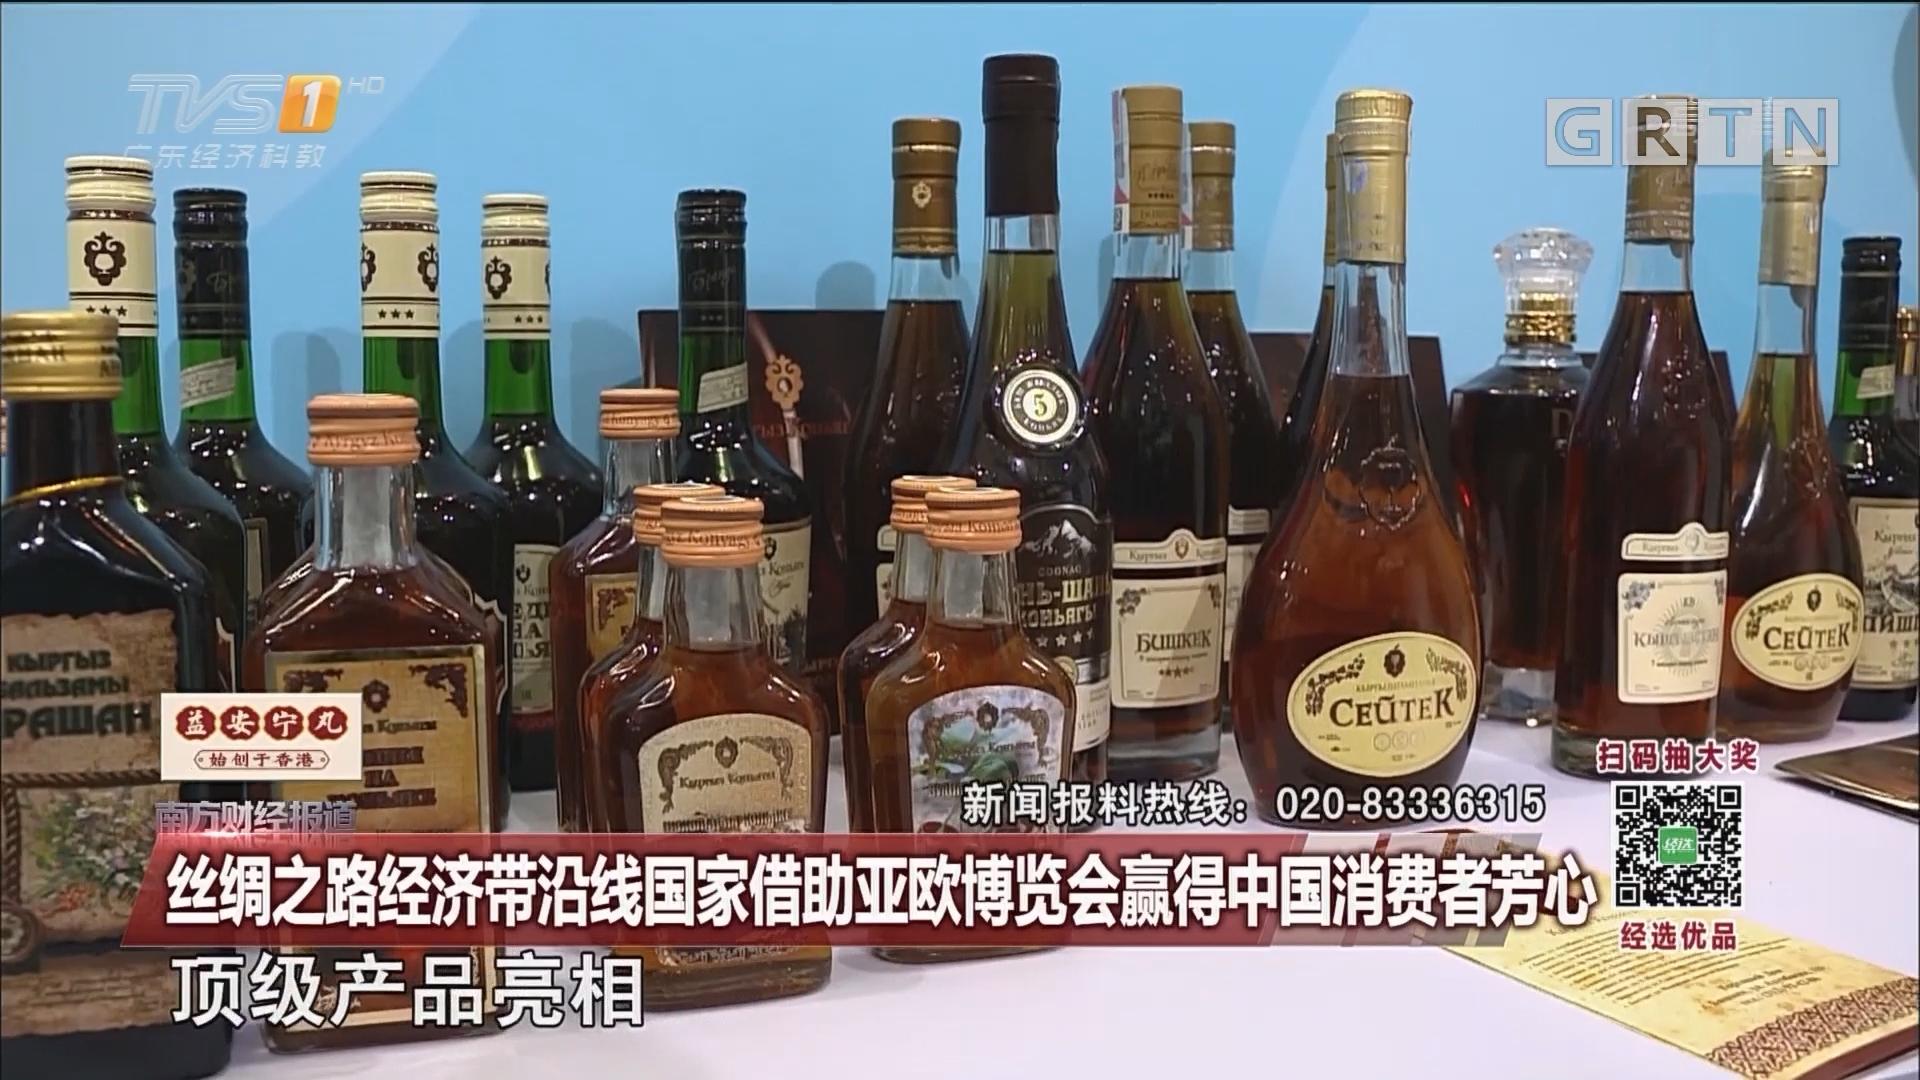 丝绸之路经济带沿线国家借助亚欧博览会赢得中国消费者芳心